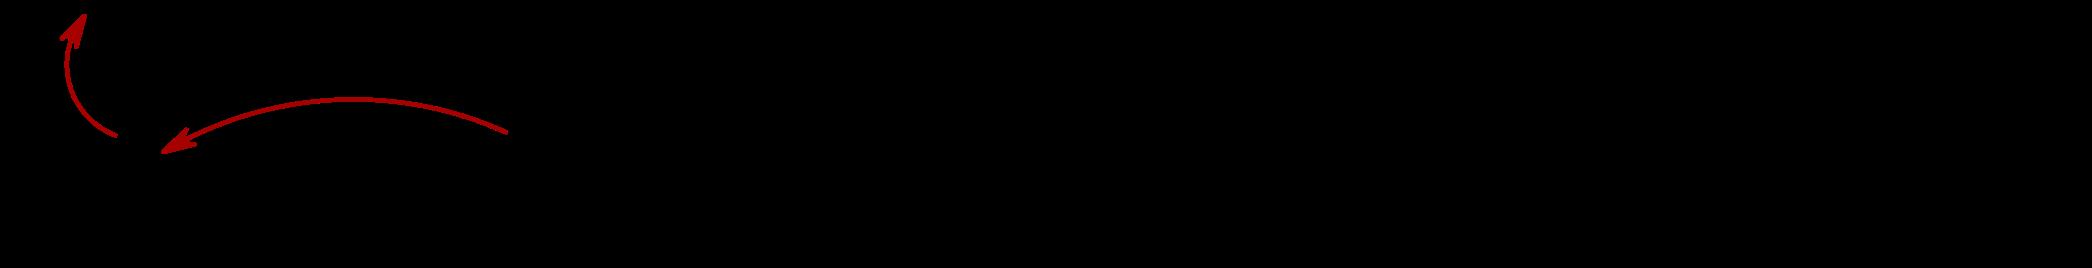 7d-ii